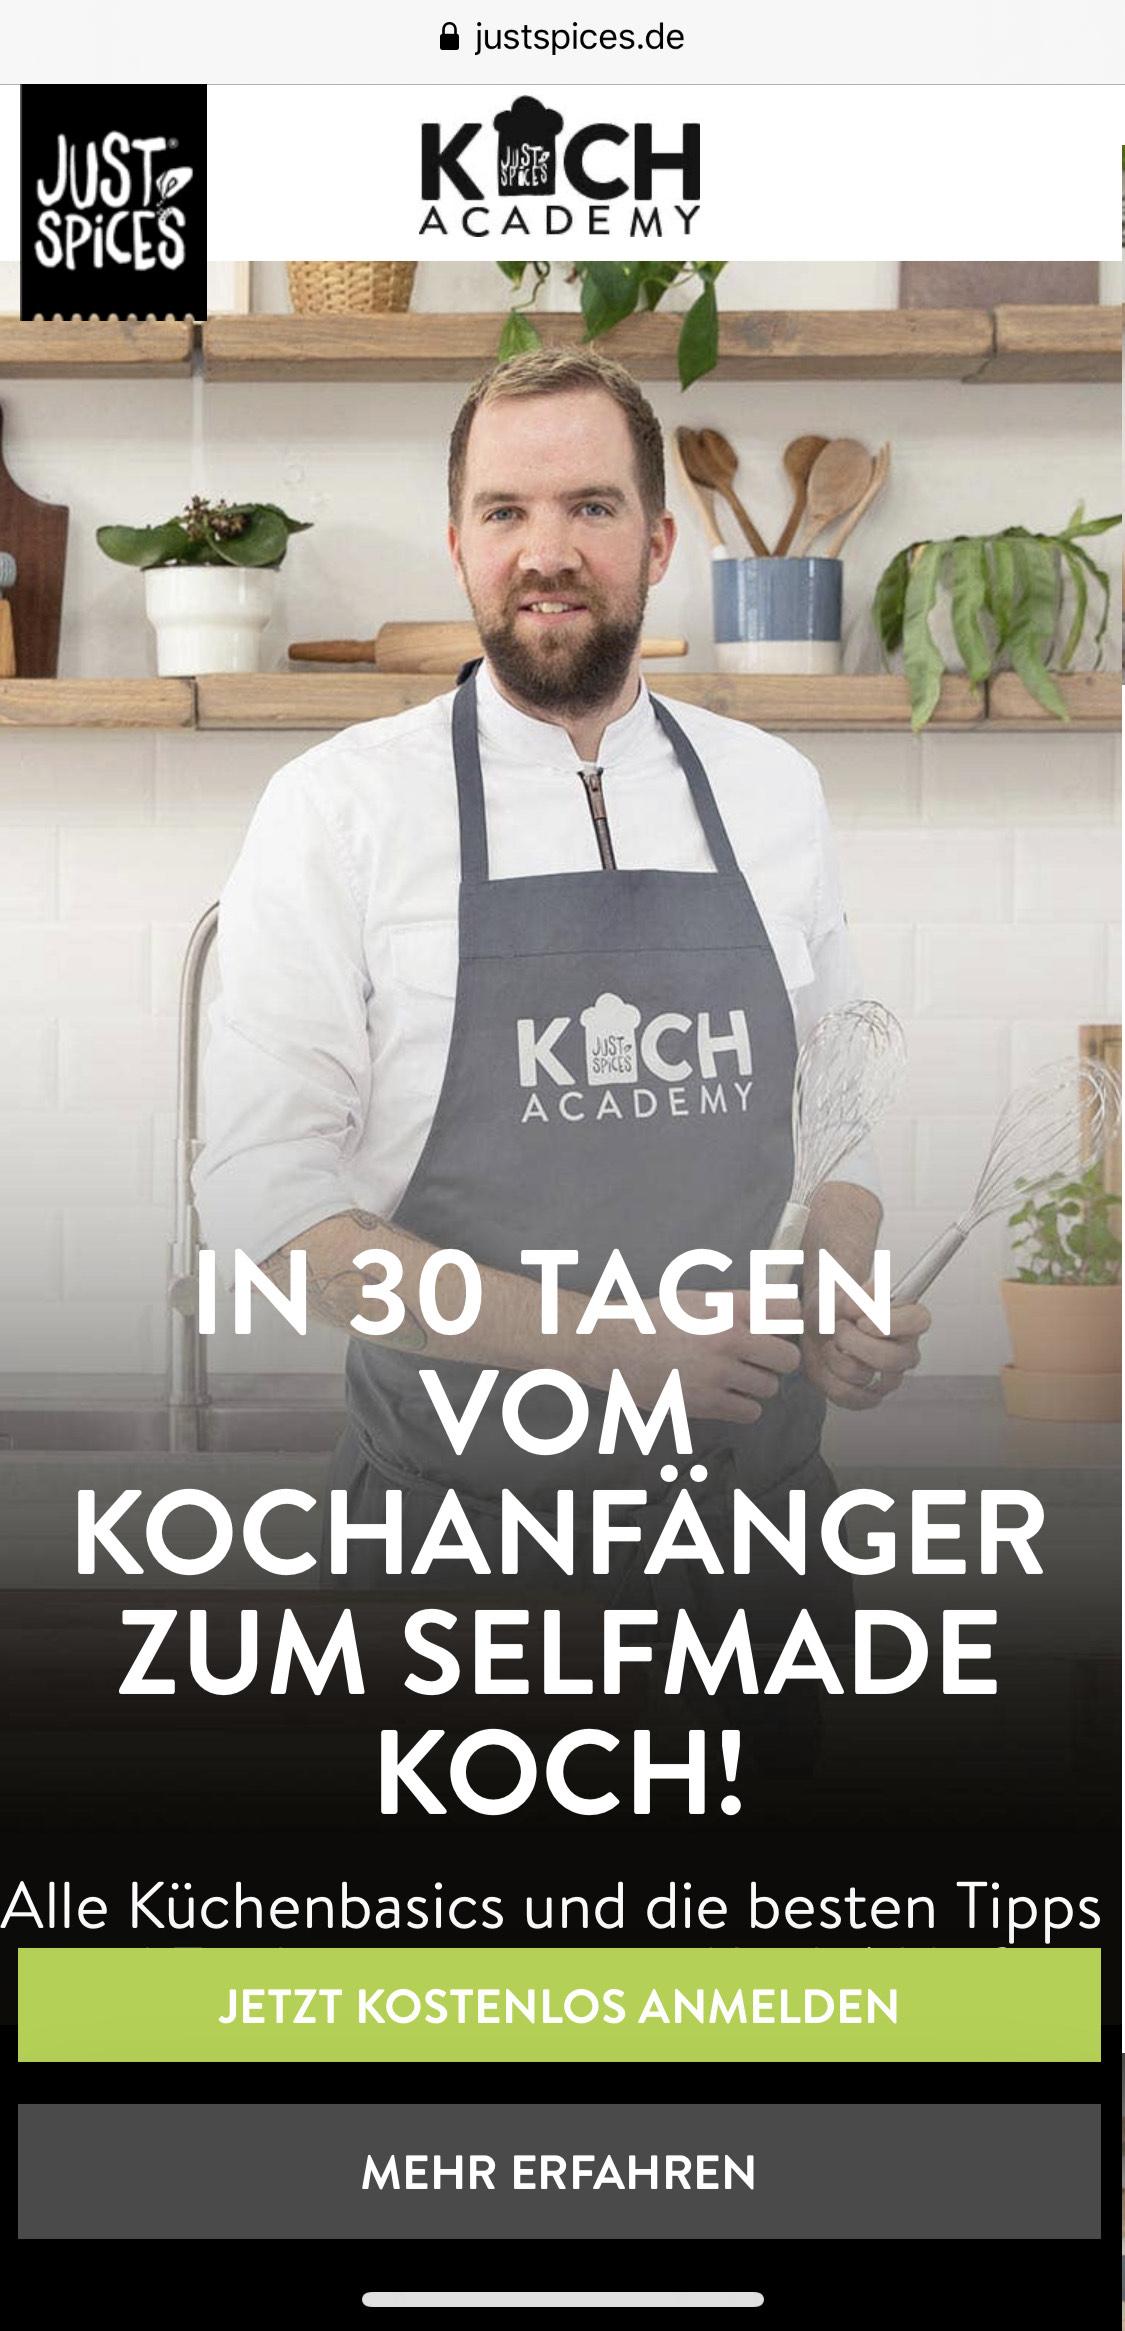 Kochkurs Kostenlos 30 TAGEN - vom Anfänger zum SELFMADE KOCH! Alle Küchenbasics und die besten Tipps und Tricks.